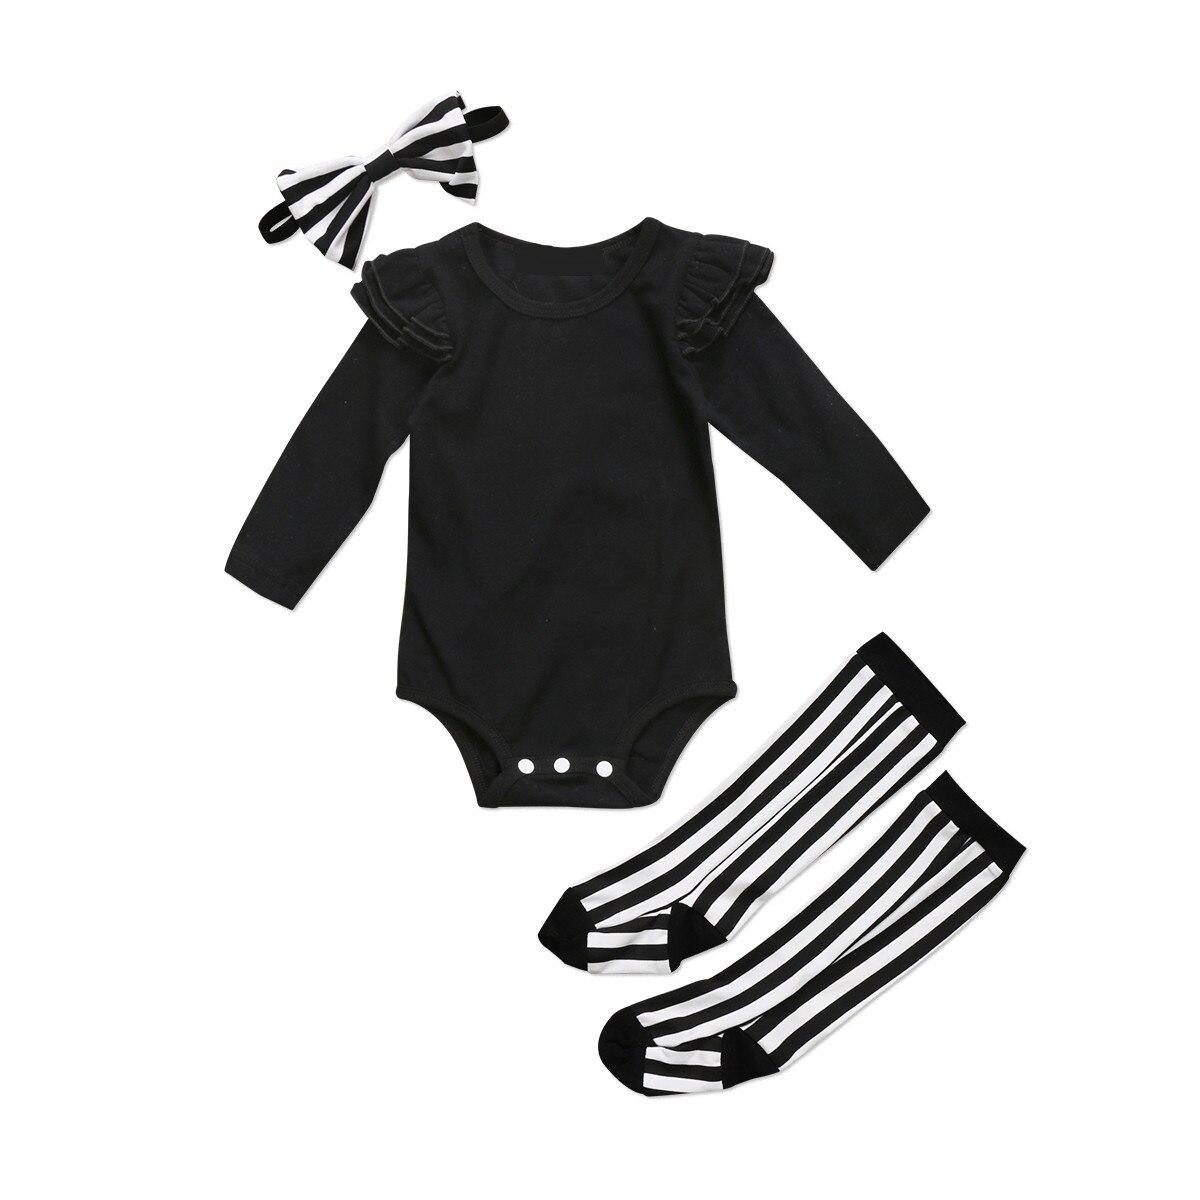 AnpassungsfäHig Pudcoco 2017 Neugeborenen Baby Mädchen Schwarz Flying Hülsen-bodysuit + Leggings Socken Stirnband Outfits Set 2017 Kleidung Ausreichende Versorgung